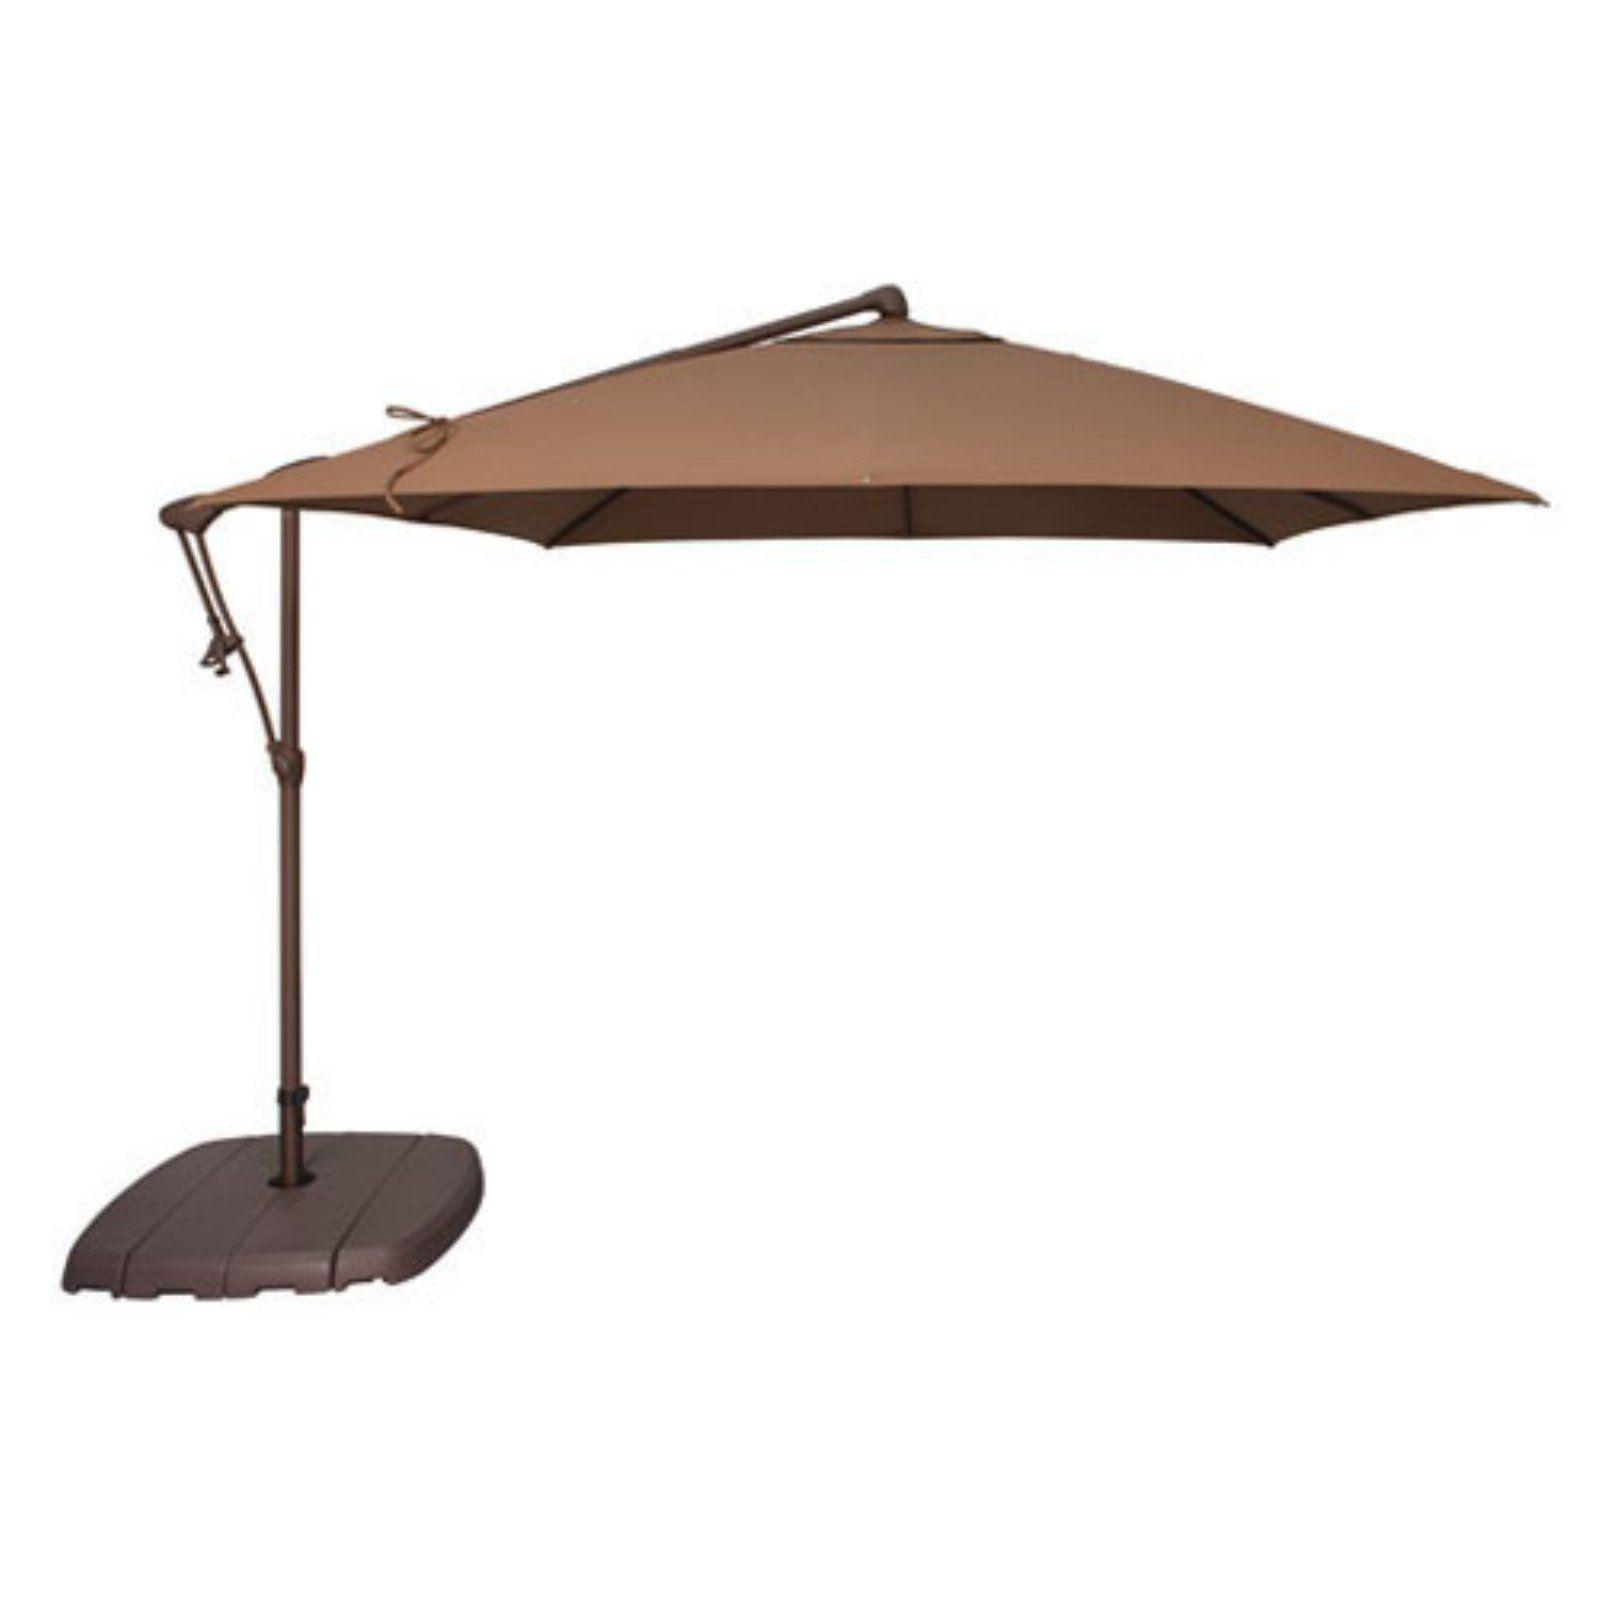 Treasure Garden 8 5 Ft O Bravia Cantilever Patio Umbrella Auburn Cantilever Patio Umbrella Cantilevered Patio Patio Umbrella